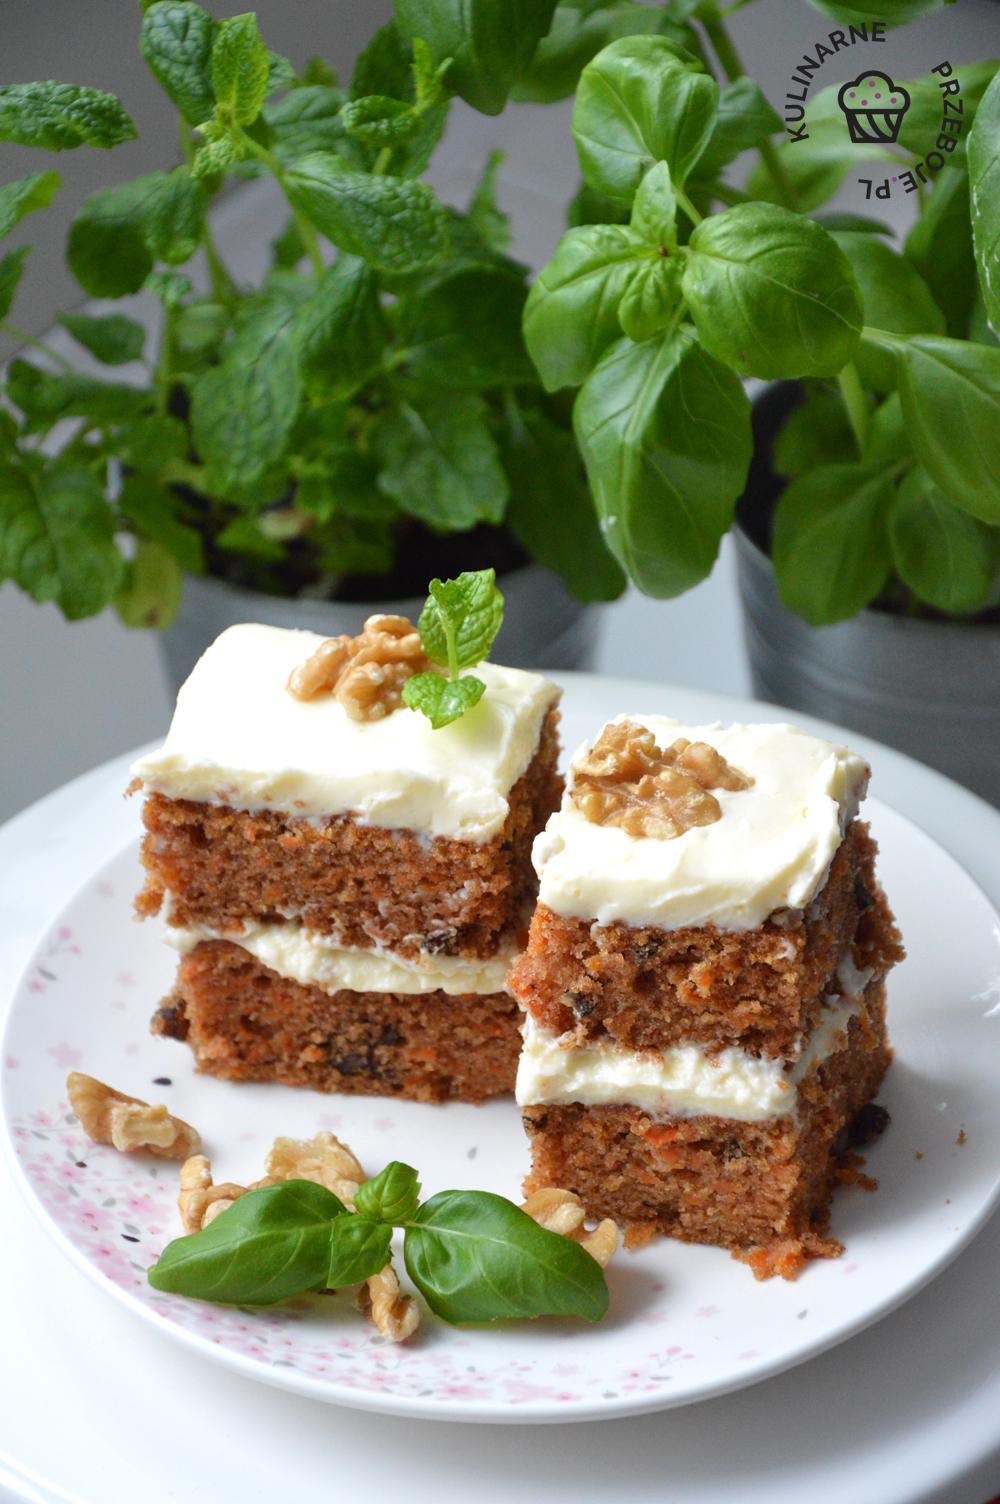 ciasto marchewkowe wilgotne